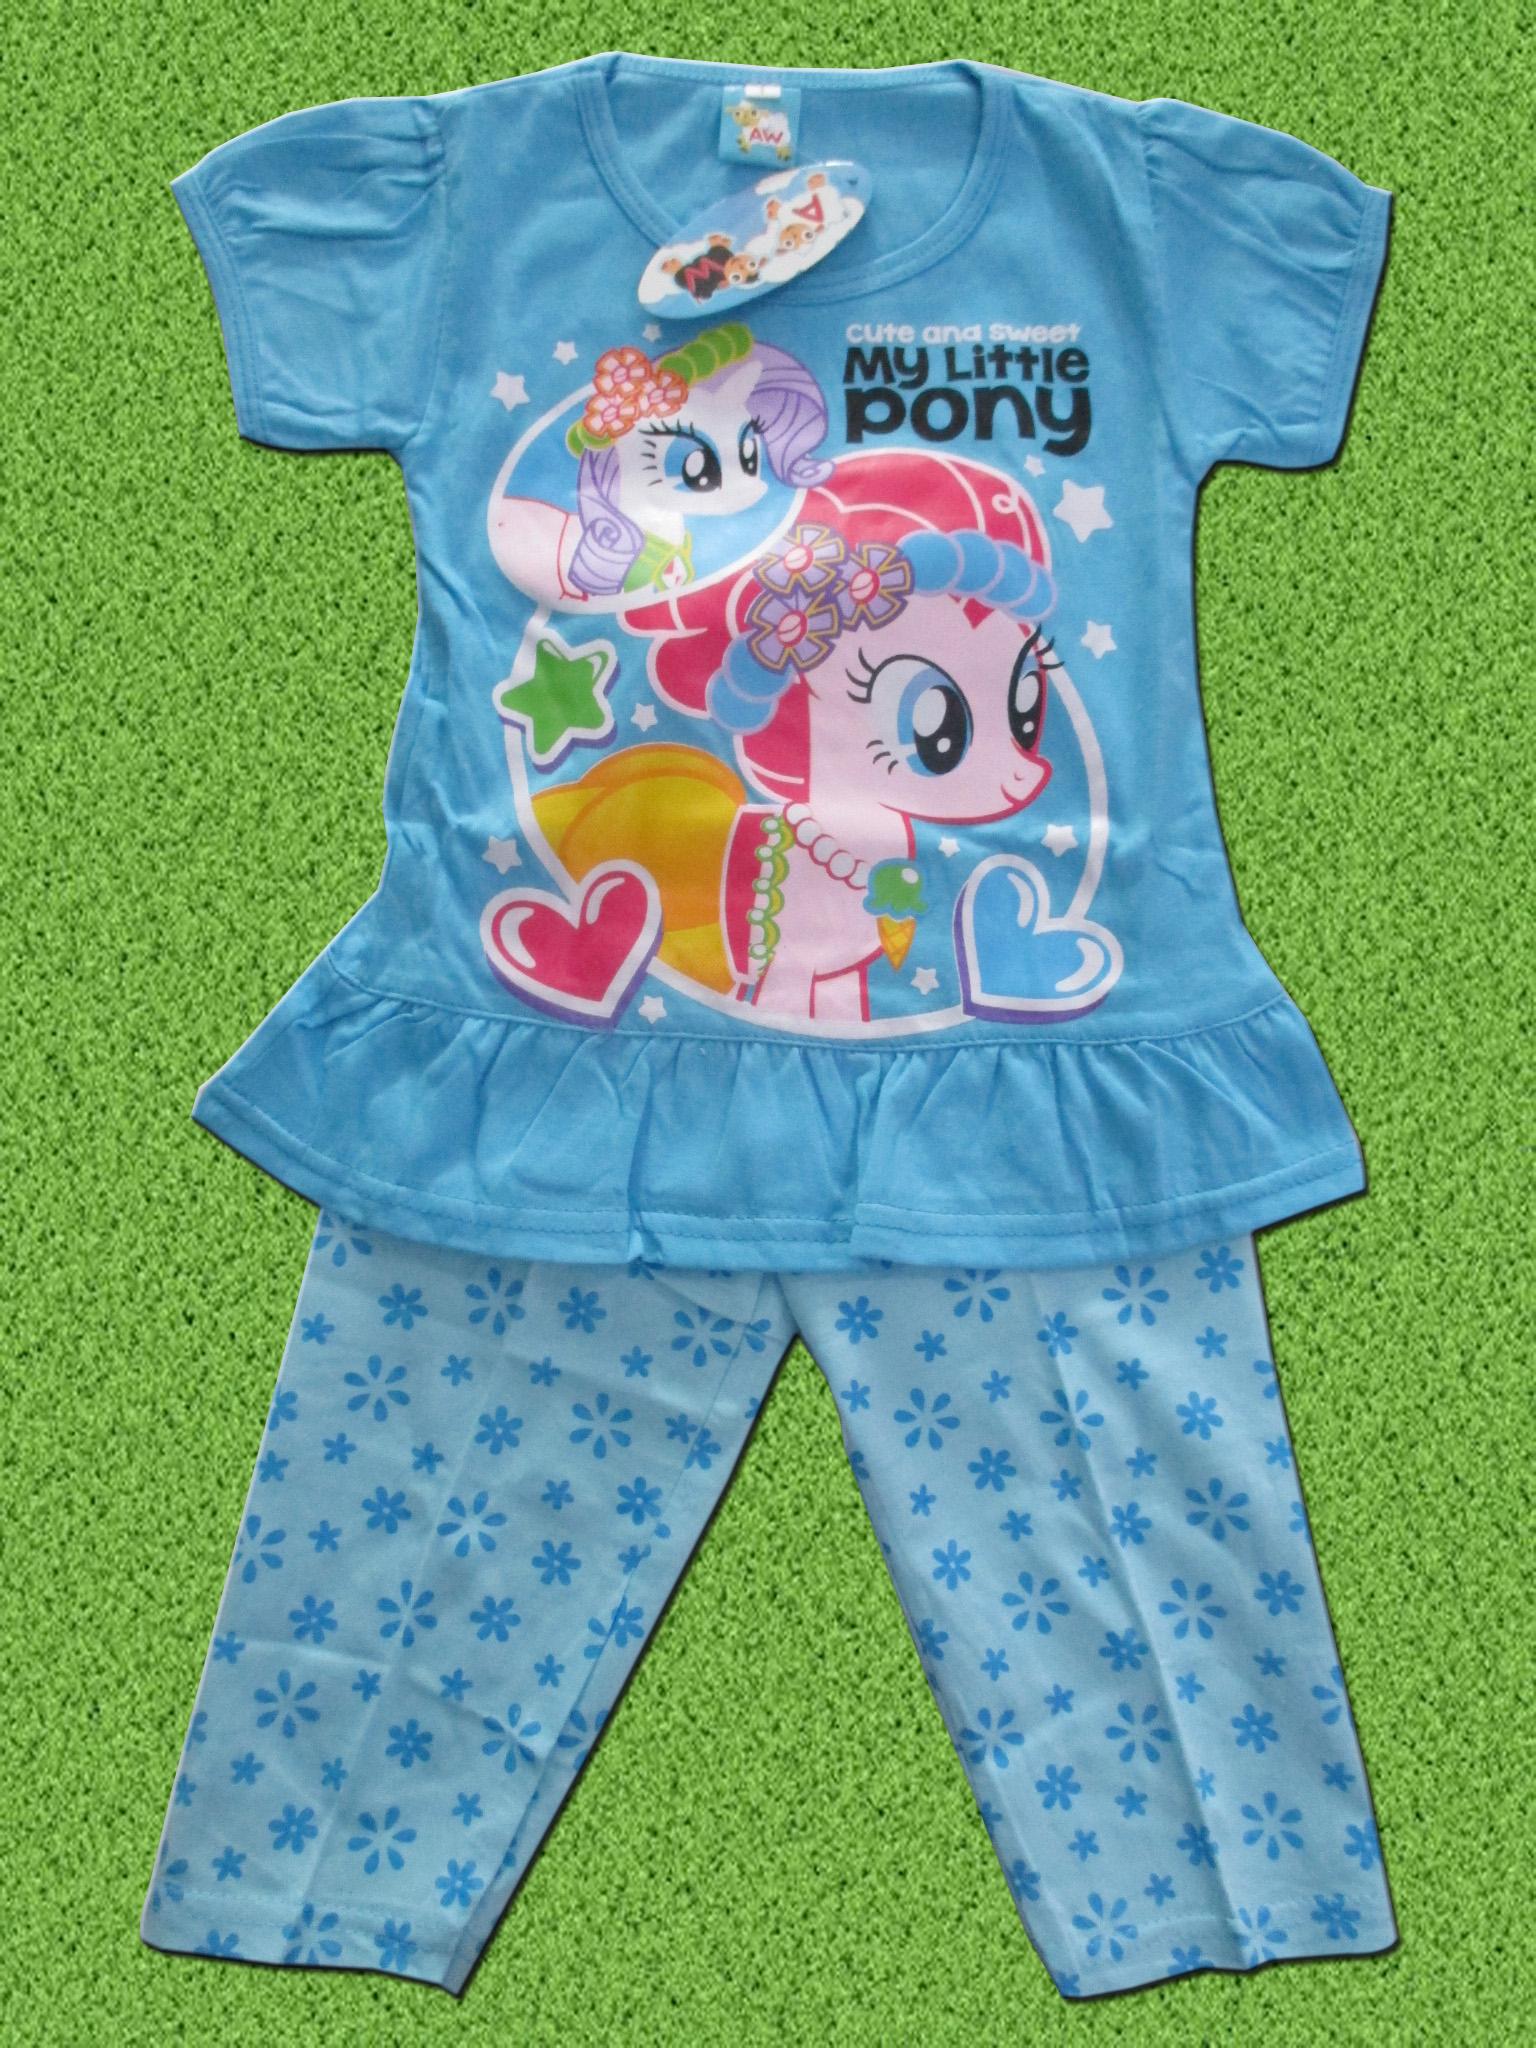 setelan-baju-anak-little-pony